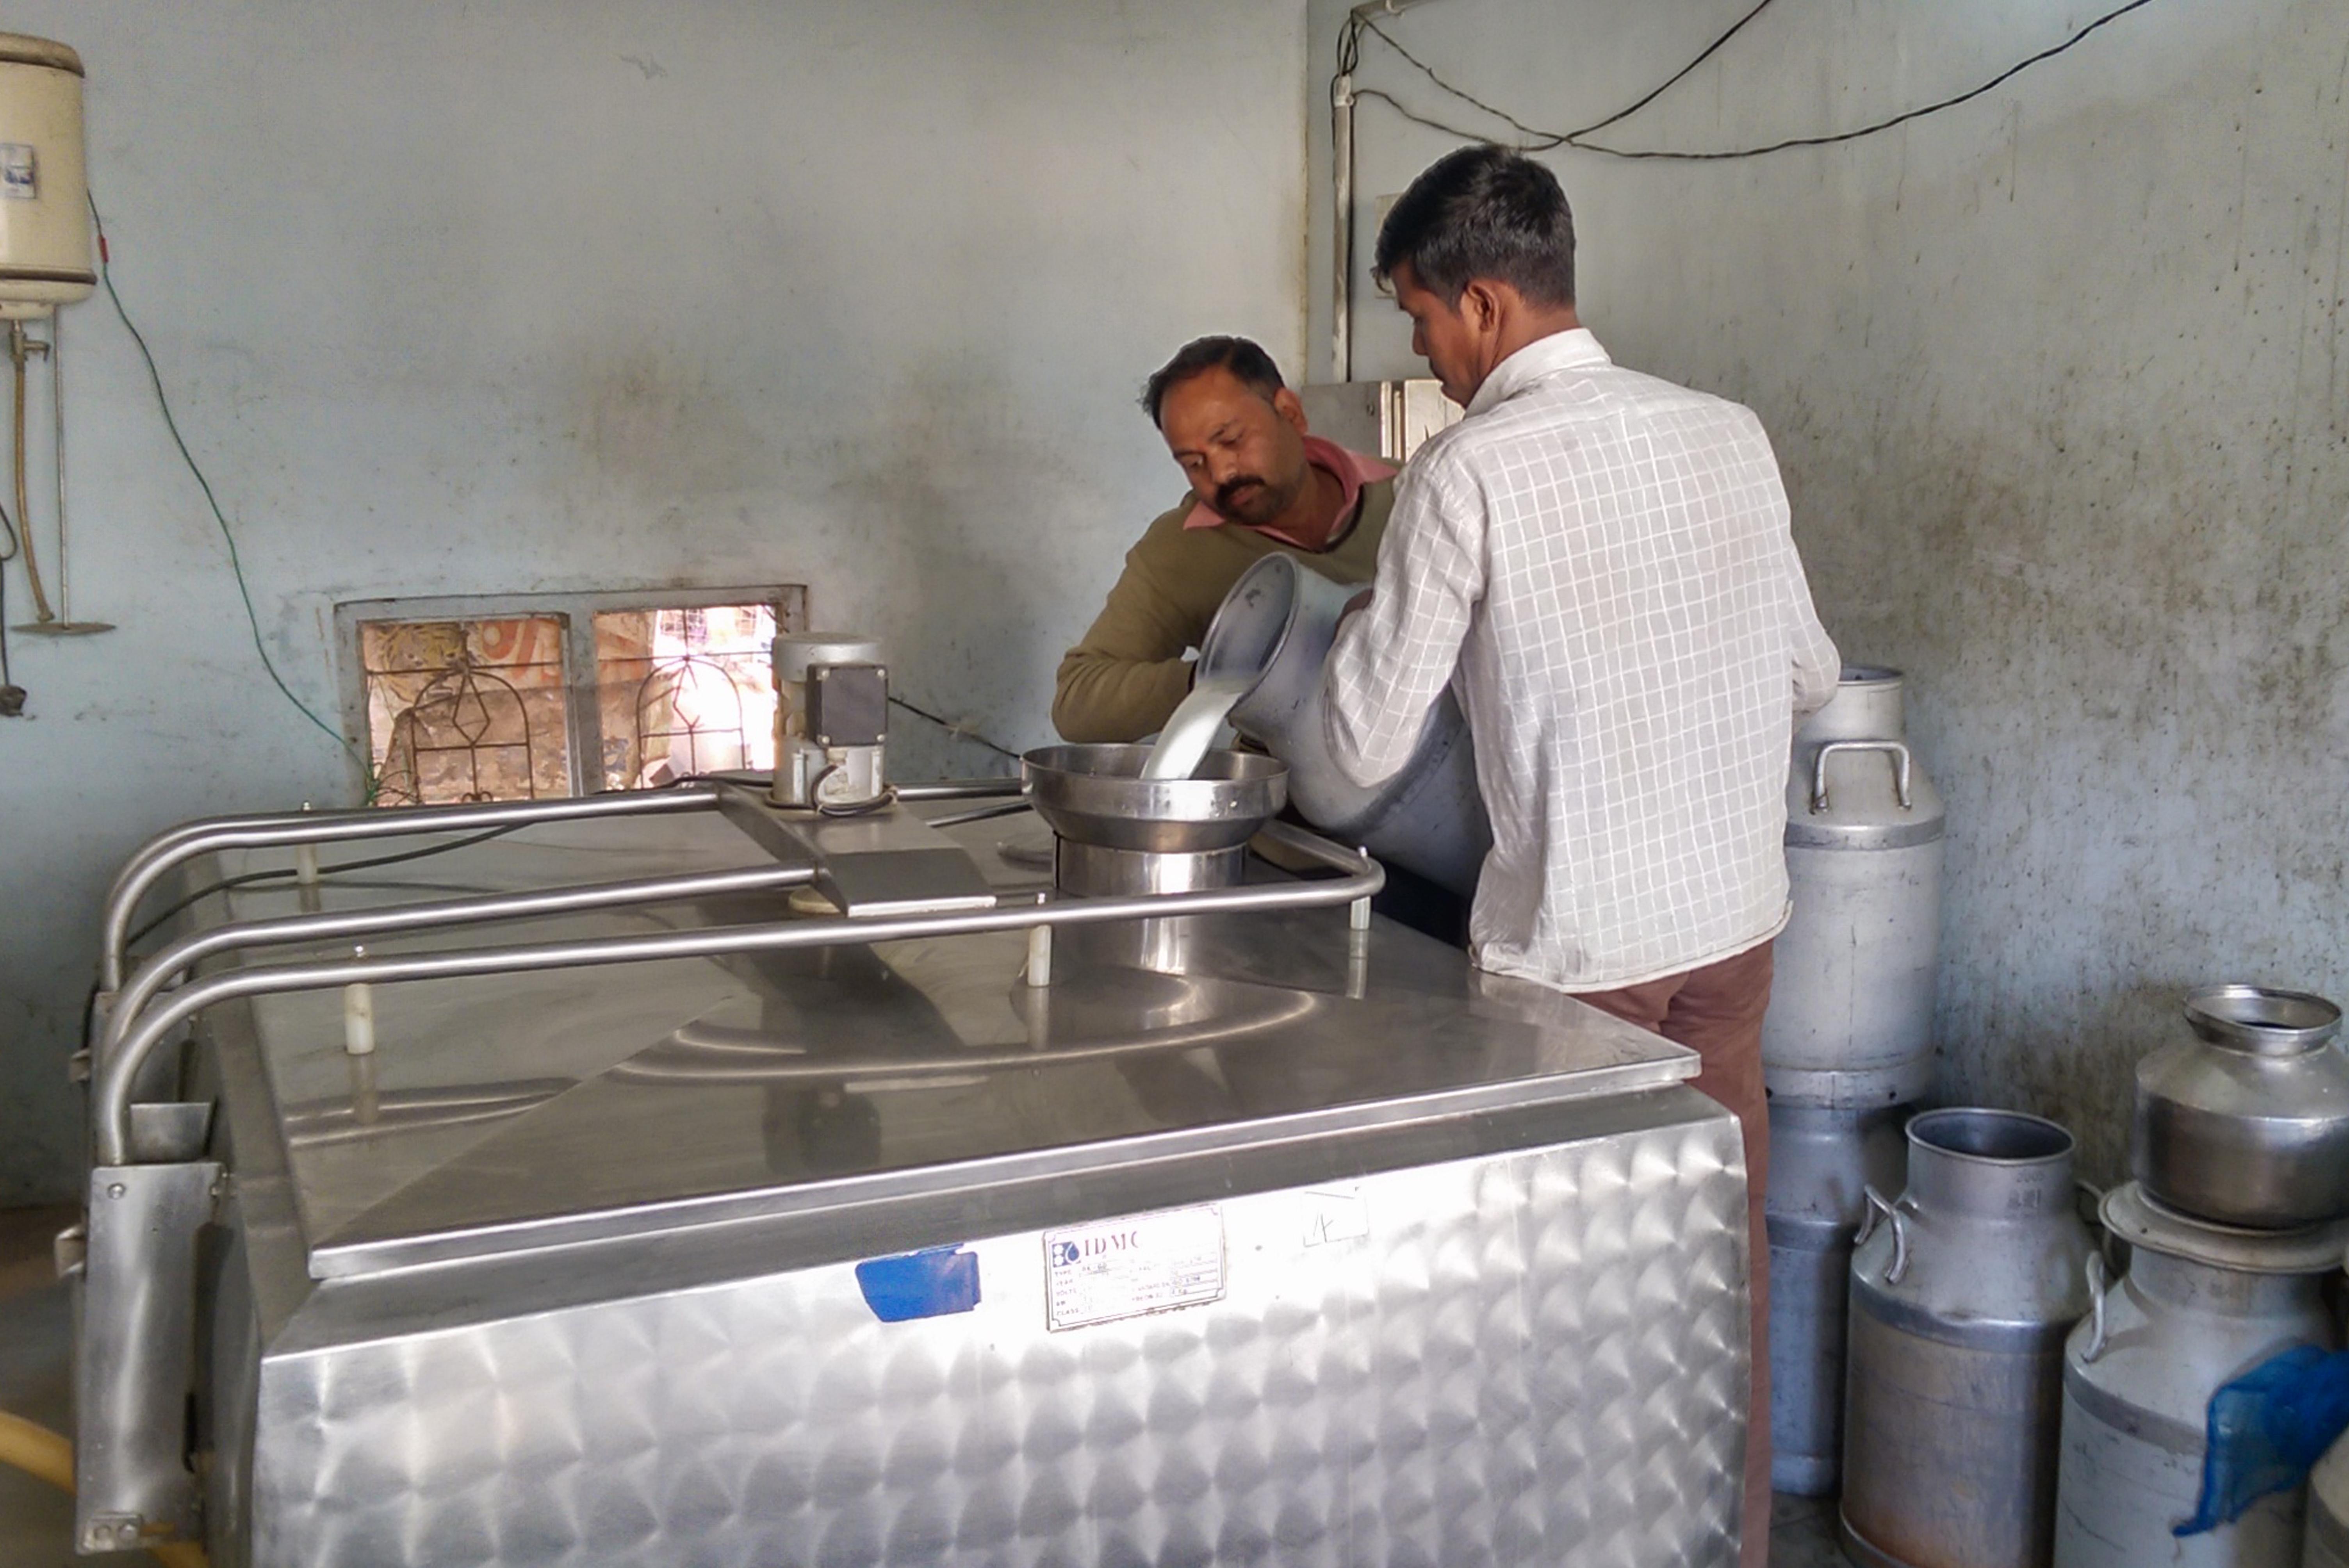 J-WAFS ha desarrollado tecnología portátil de bajo coste para monitorear la calidad y seguridad de la leche